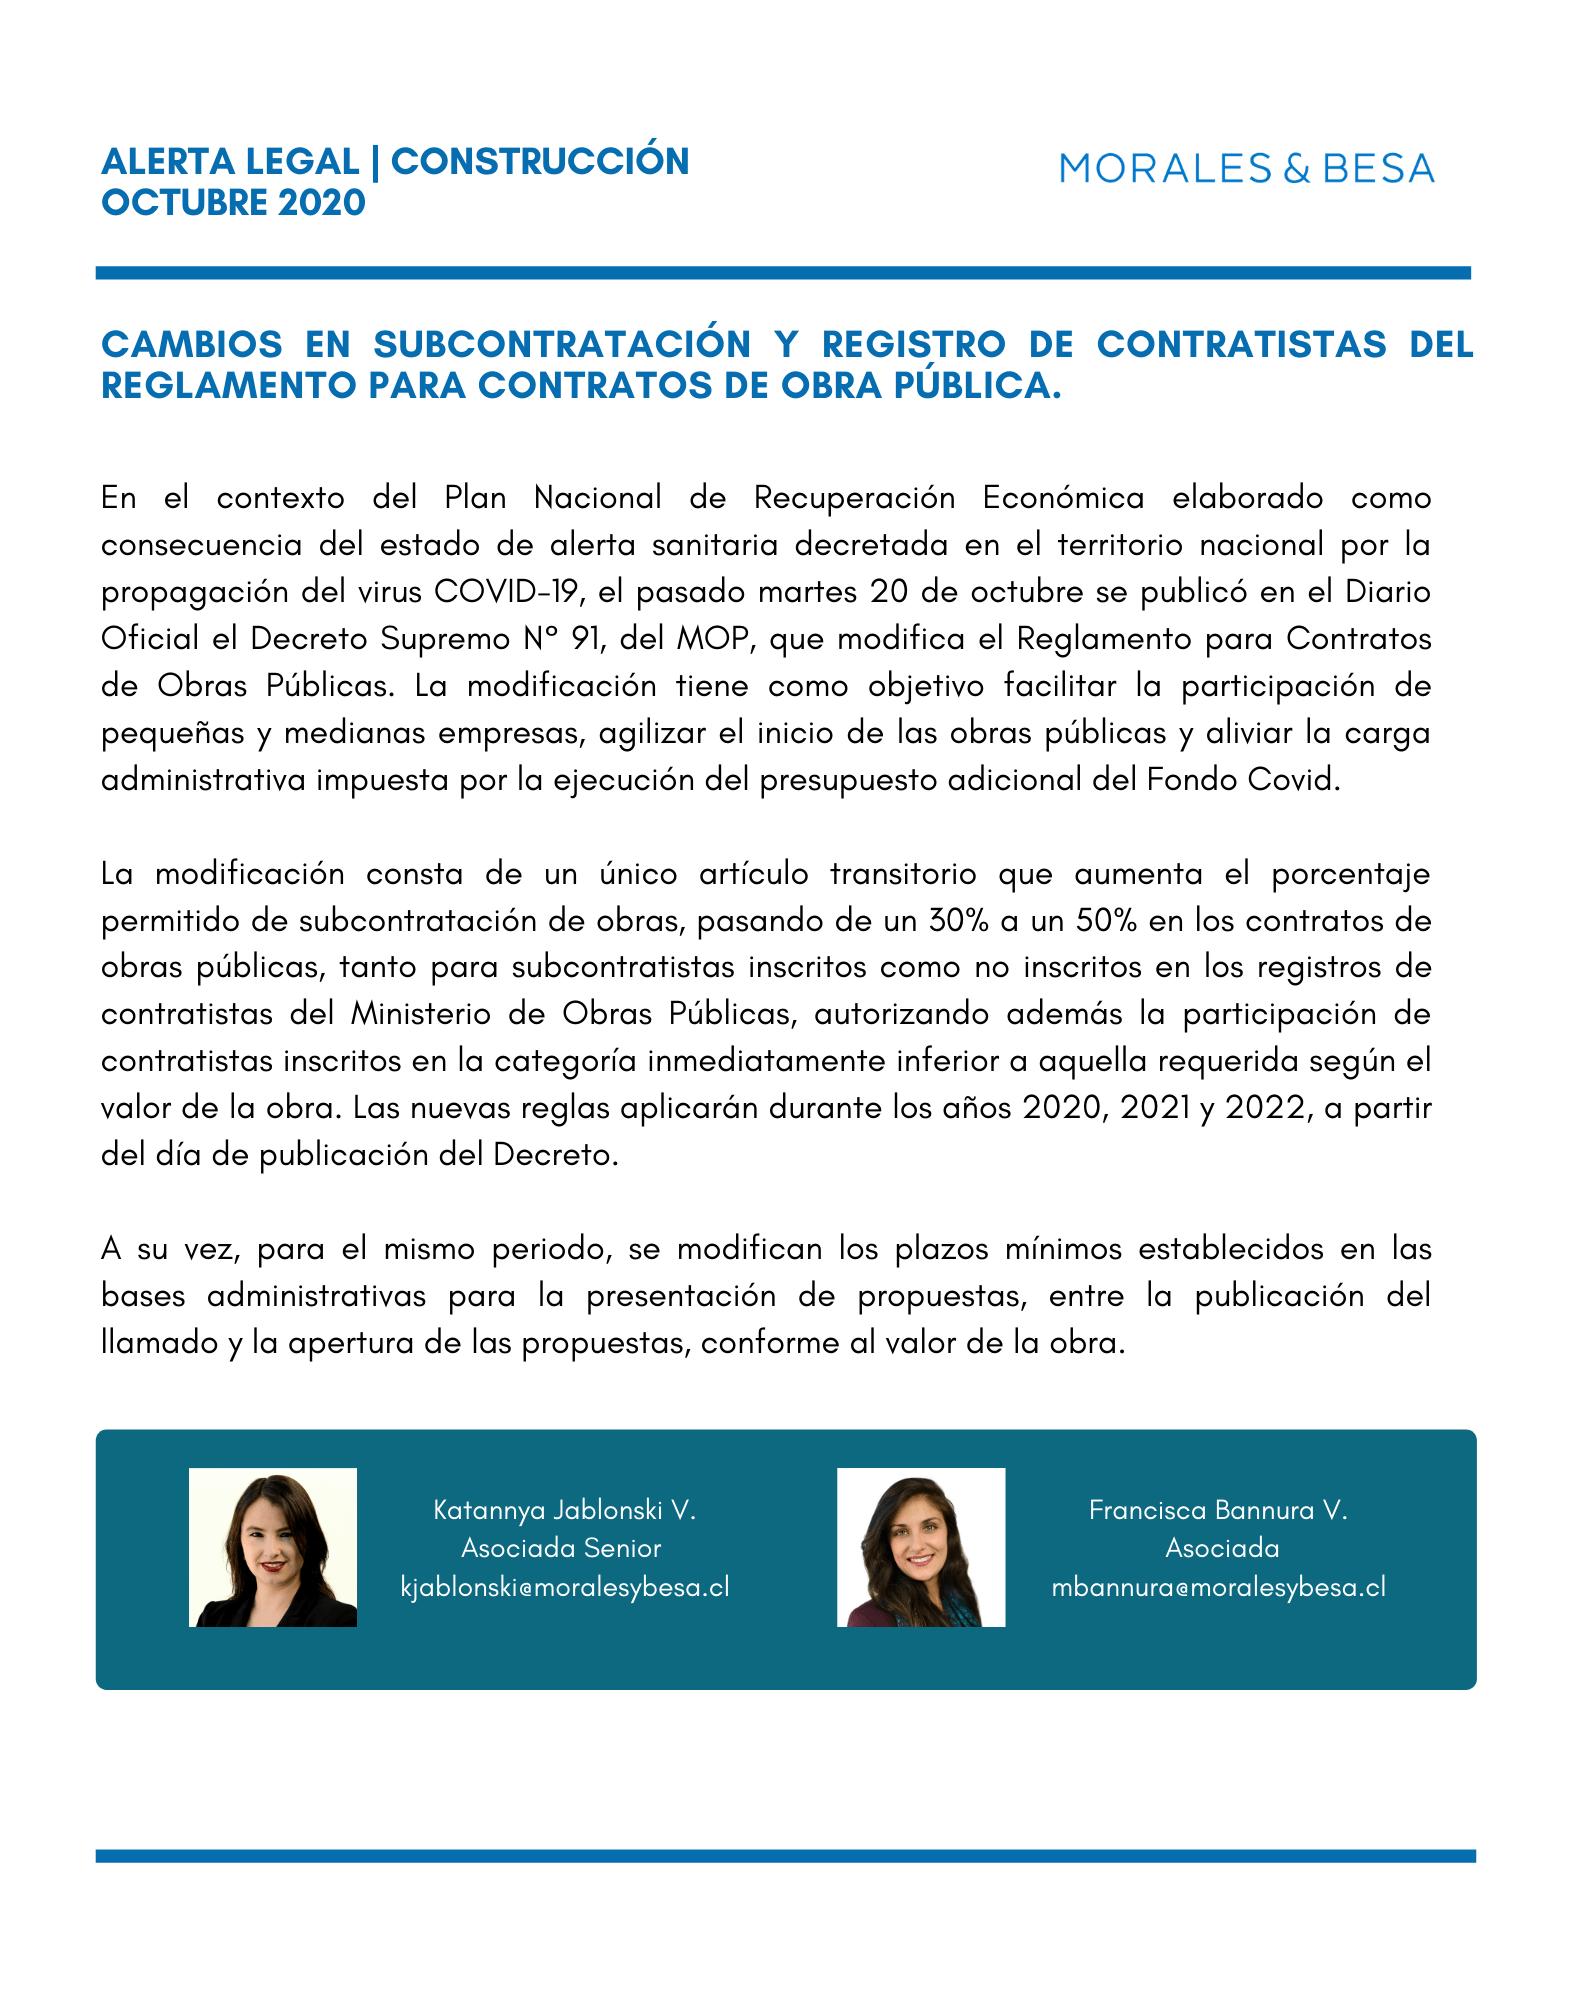 Alerta Legal M&B - Construcción - Octubre 2020